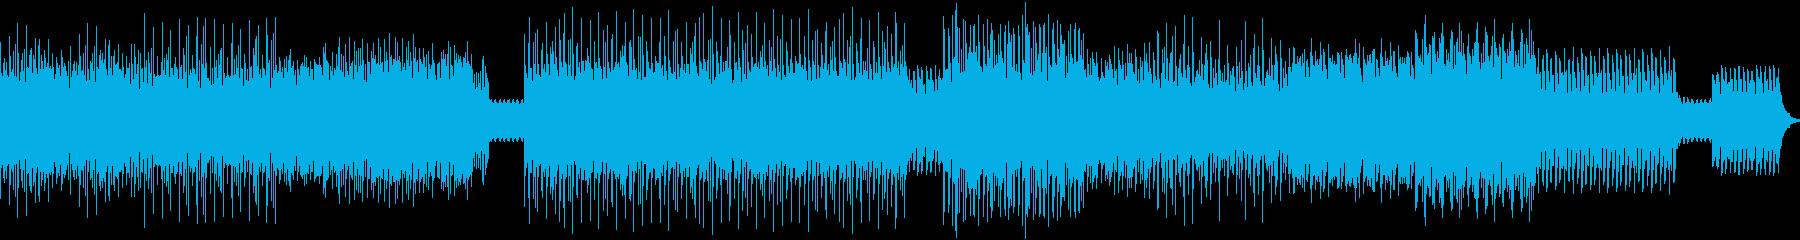 アップテンポクラブ音楽の再生済みの波形